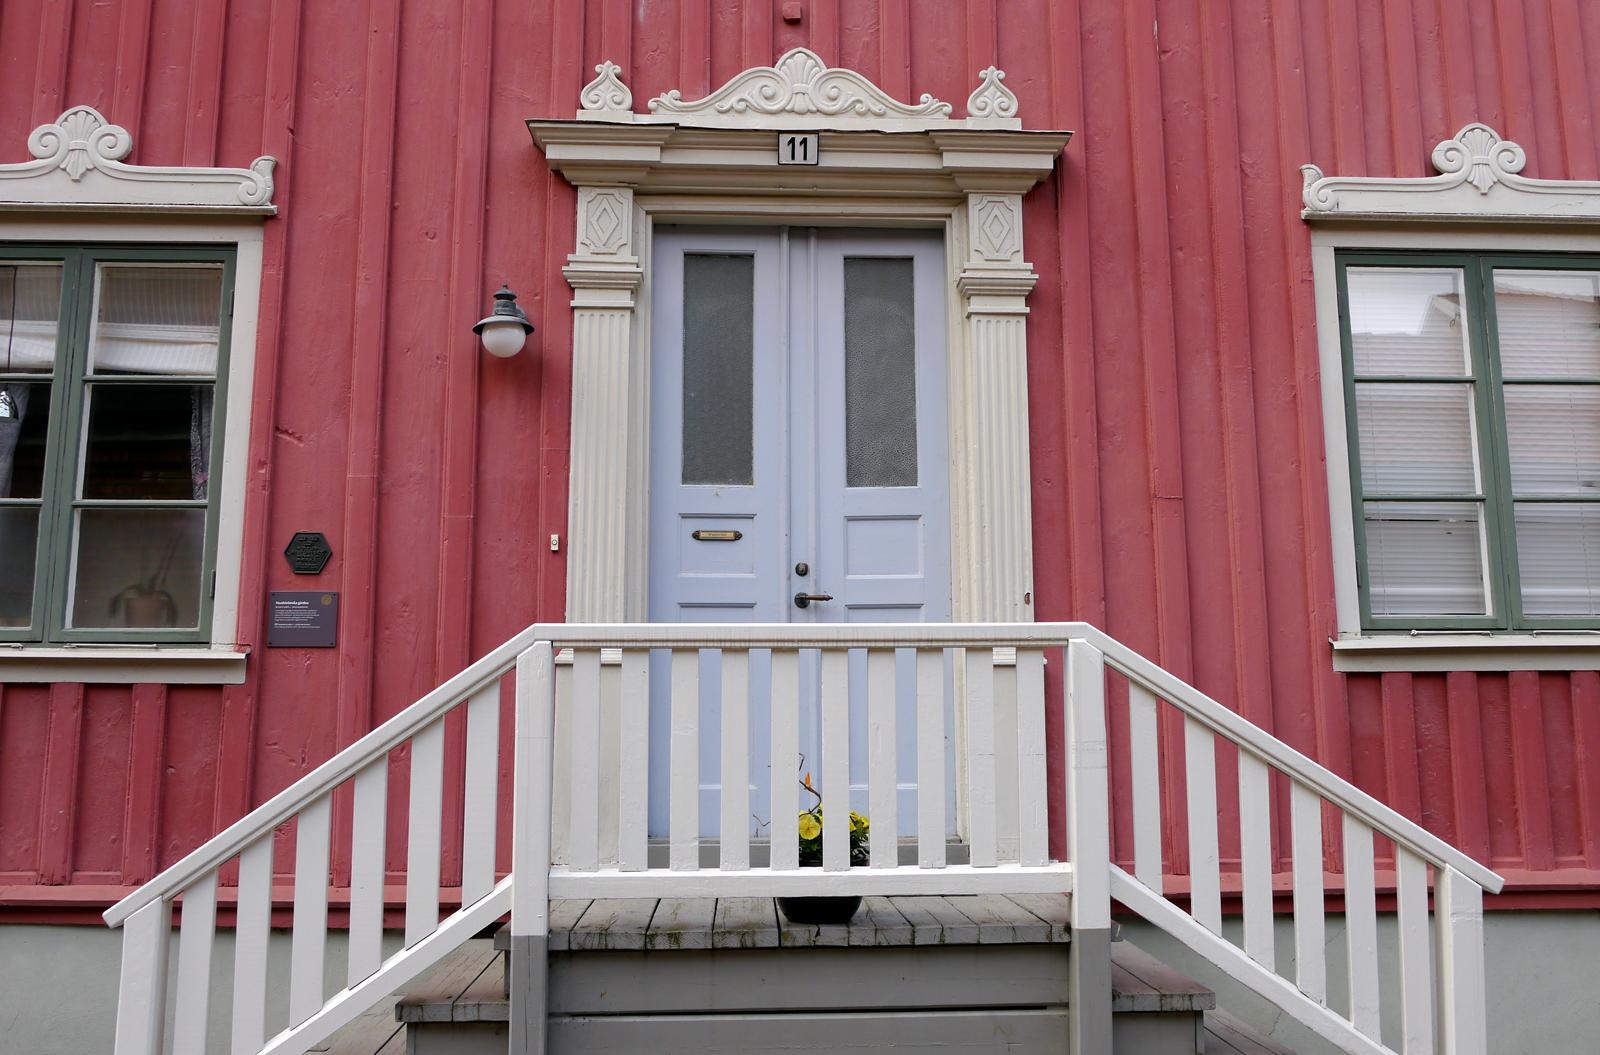 Ein Holzhaus aus einer Epoche in der man auf Verzierungen gesetzt hat. Gesehen in der Altstadt von Eksjö.